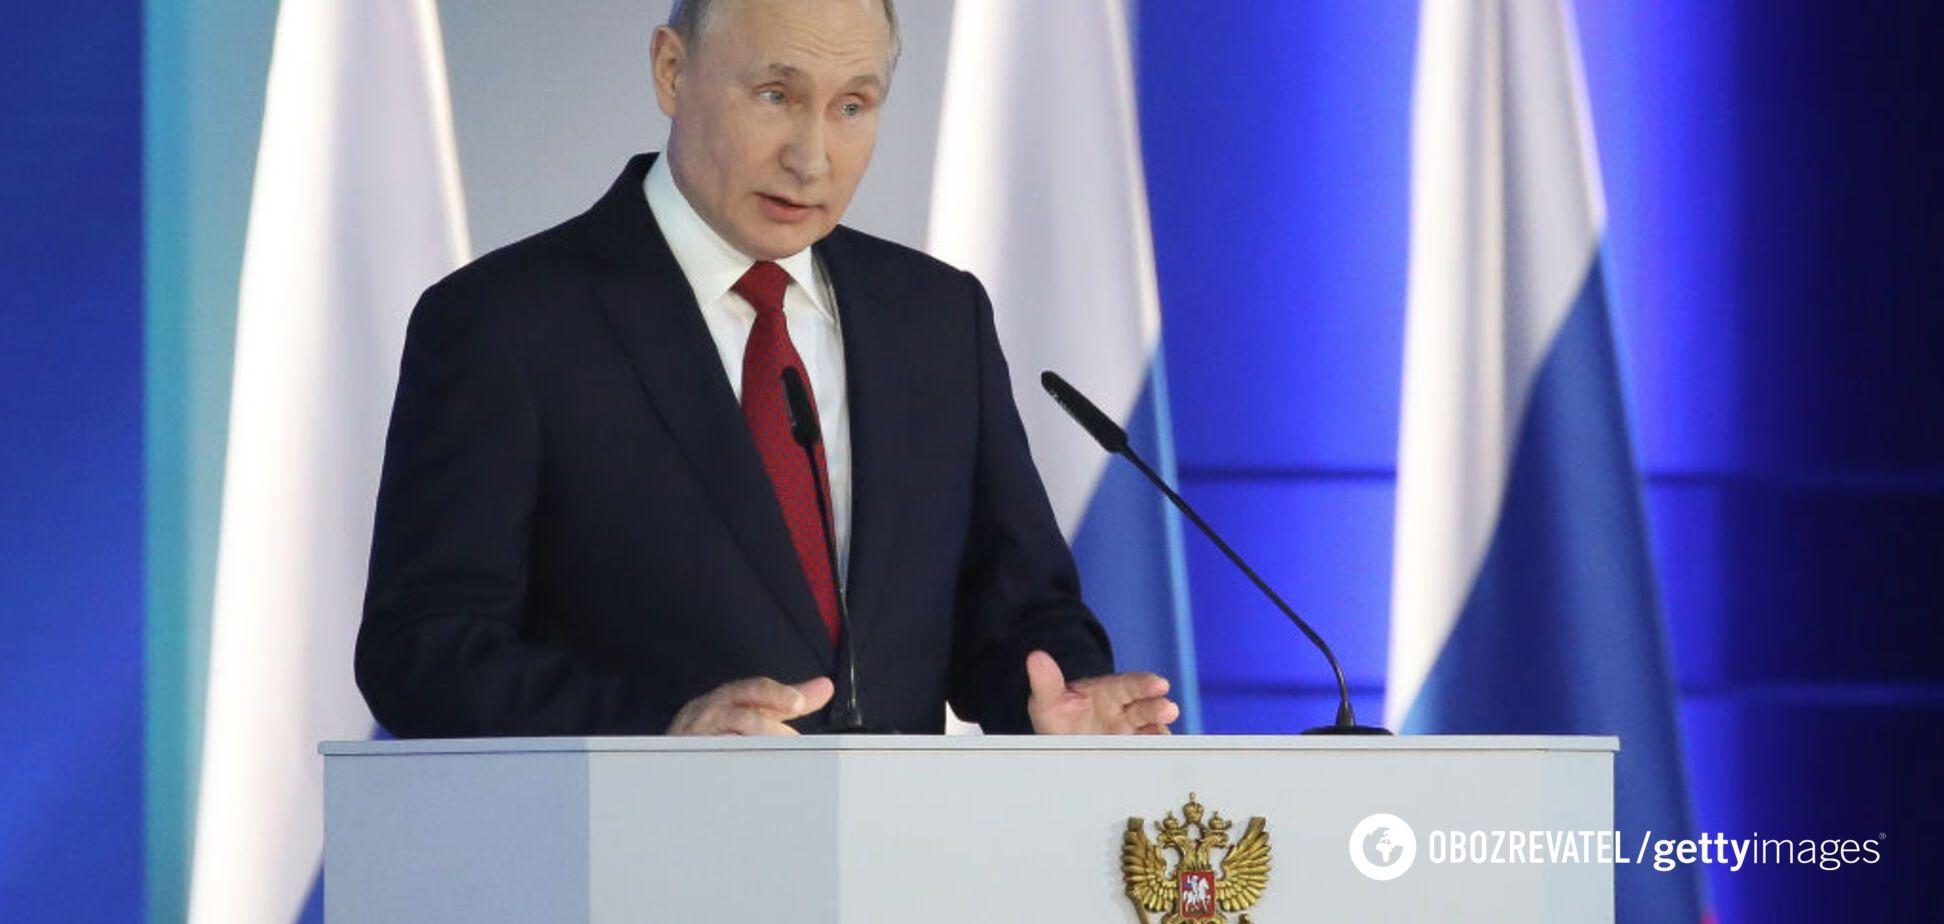 Истинные цели путинских поправок в Конституцию